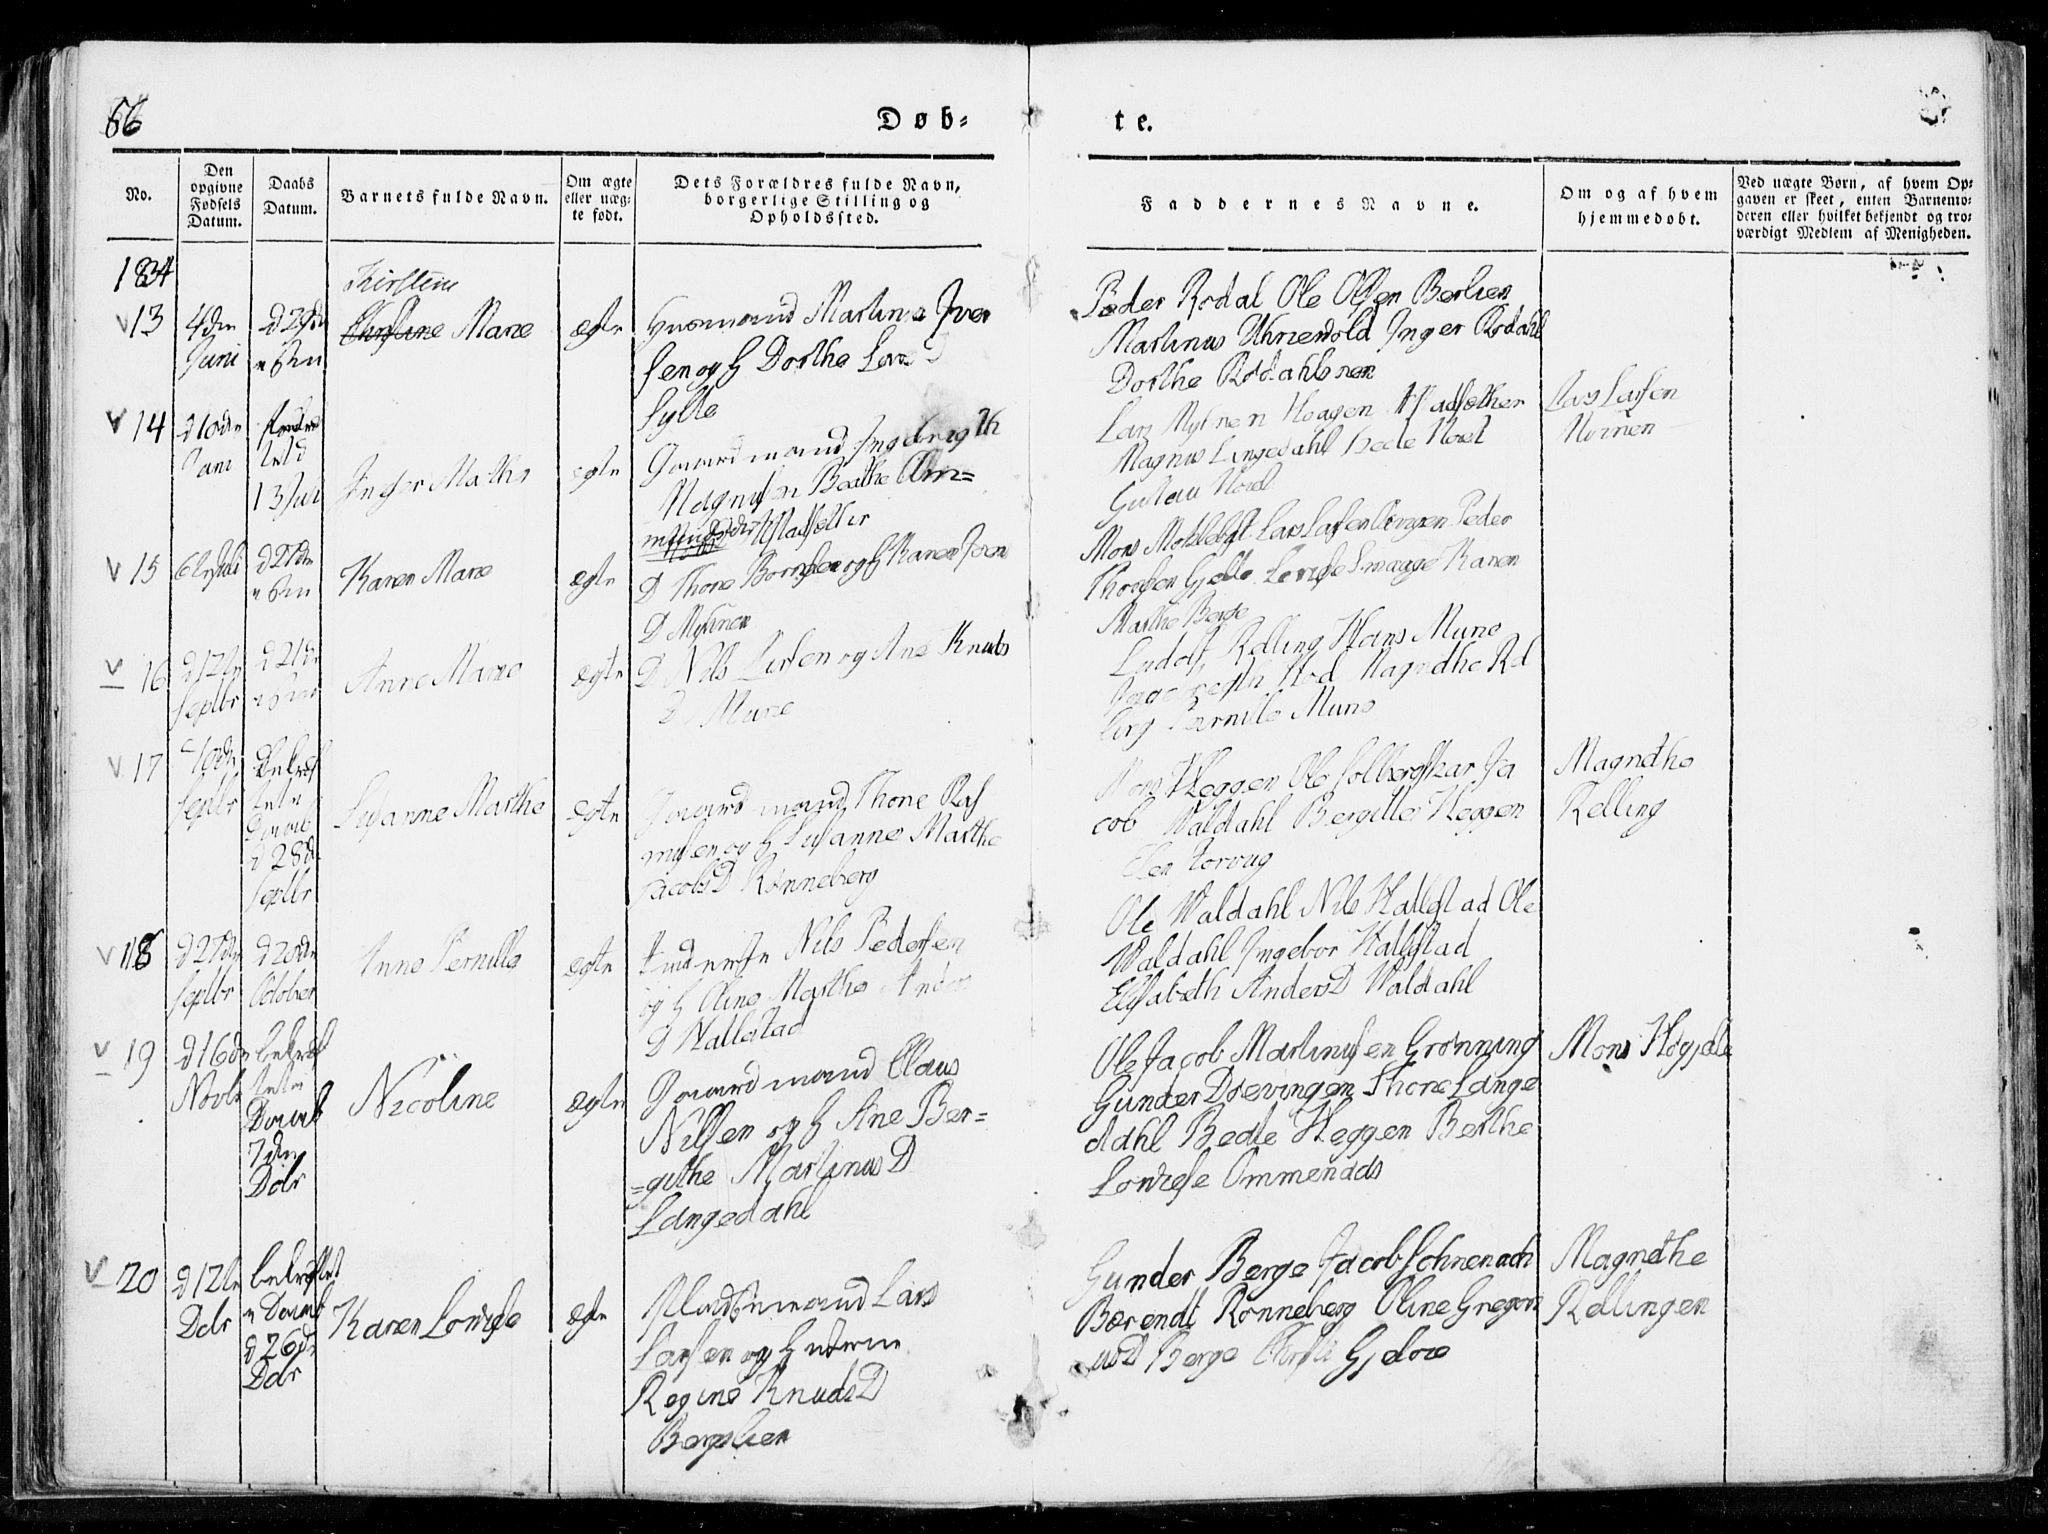 SAT, Ministerialprotokoller, klokkerbøker og fødselsregistre - Møre og Romsdal, 519/L0247: Ministerialbok nr. 519A06, 1827-1846, s. 86